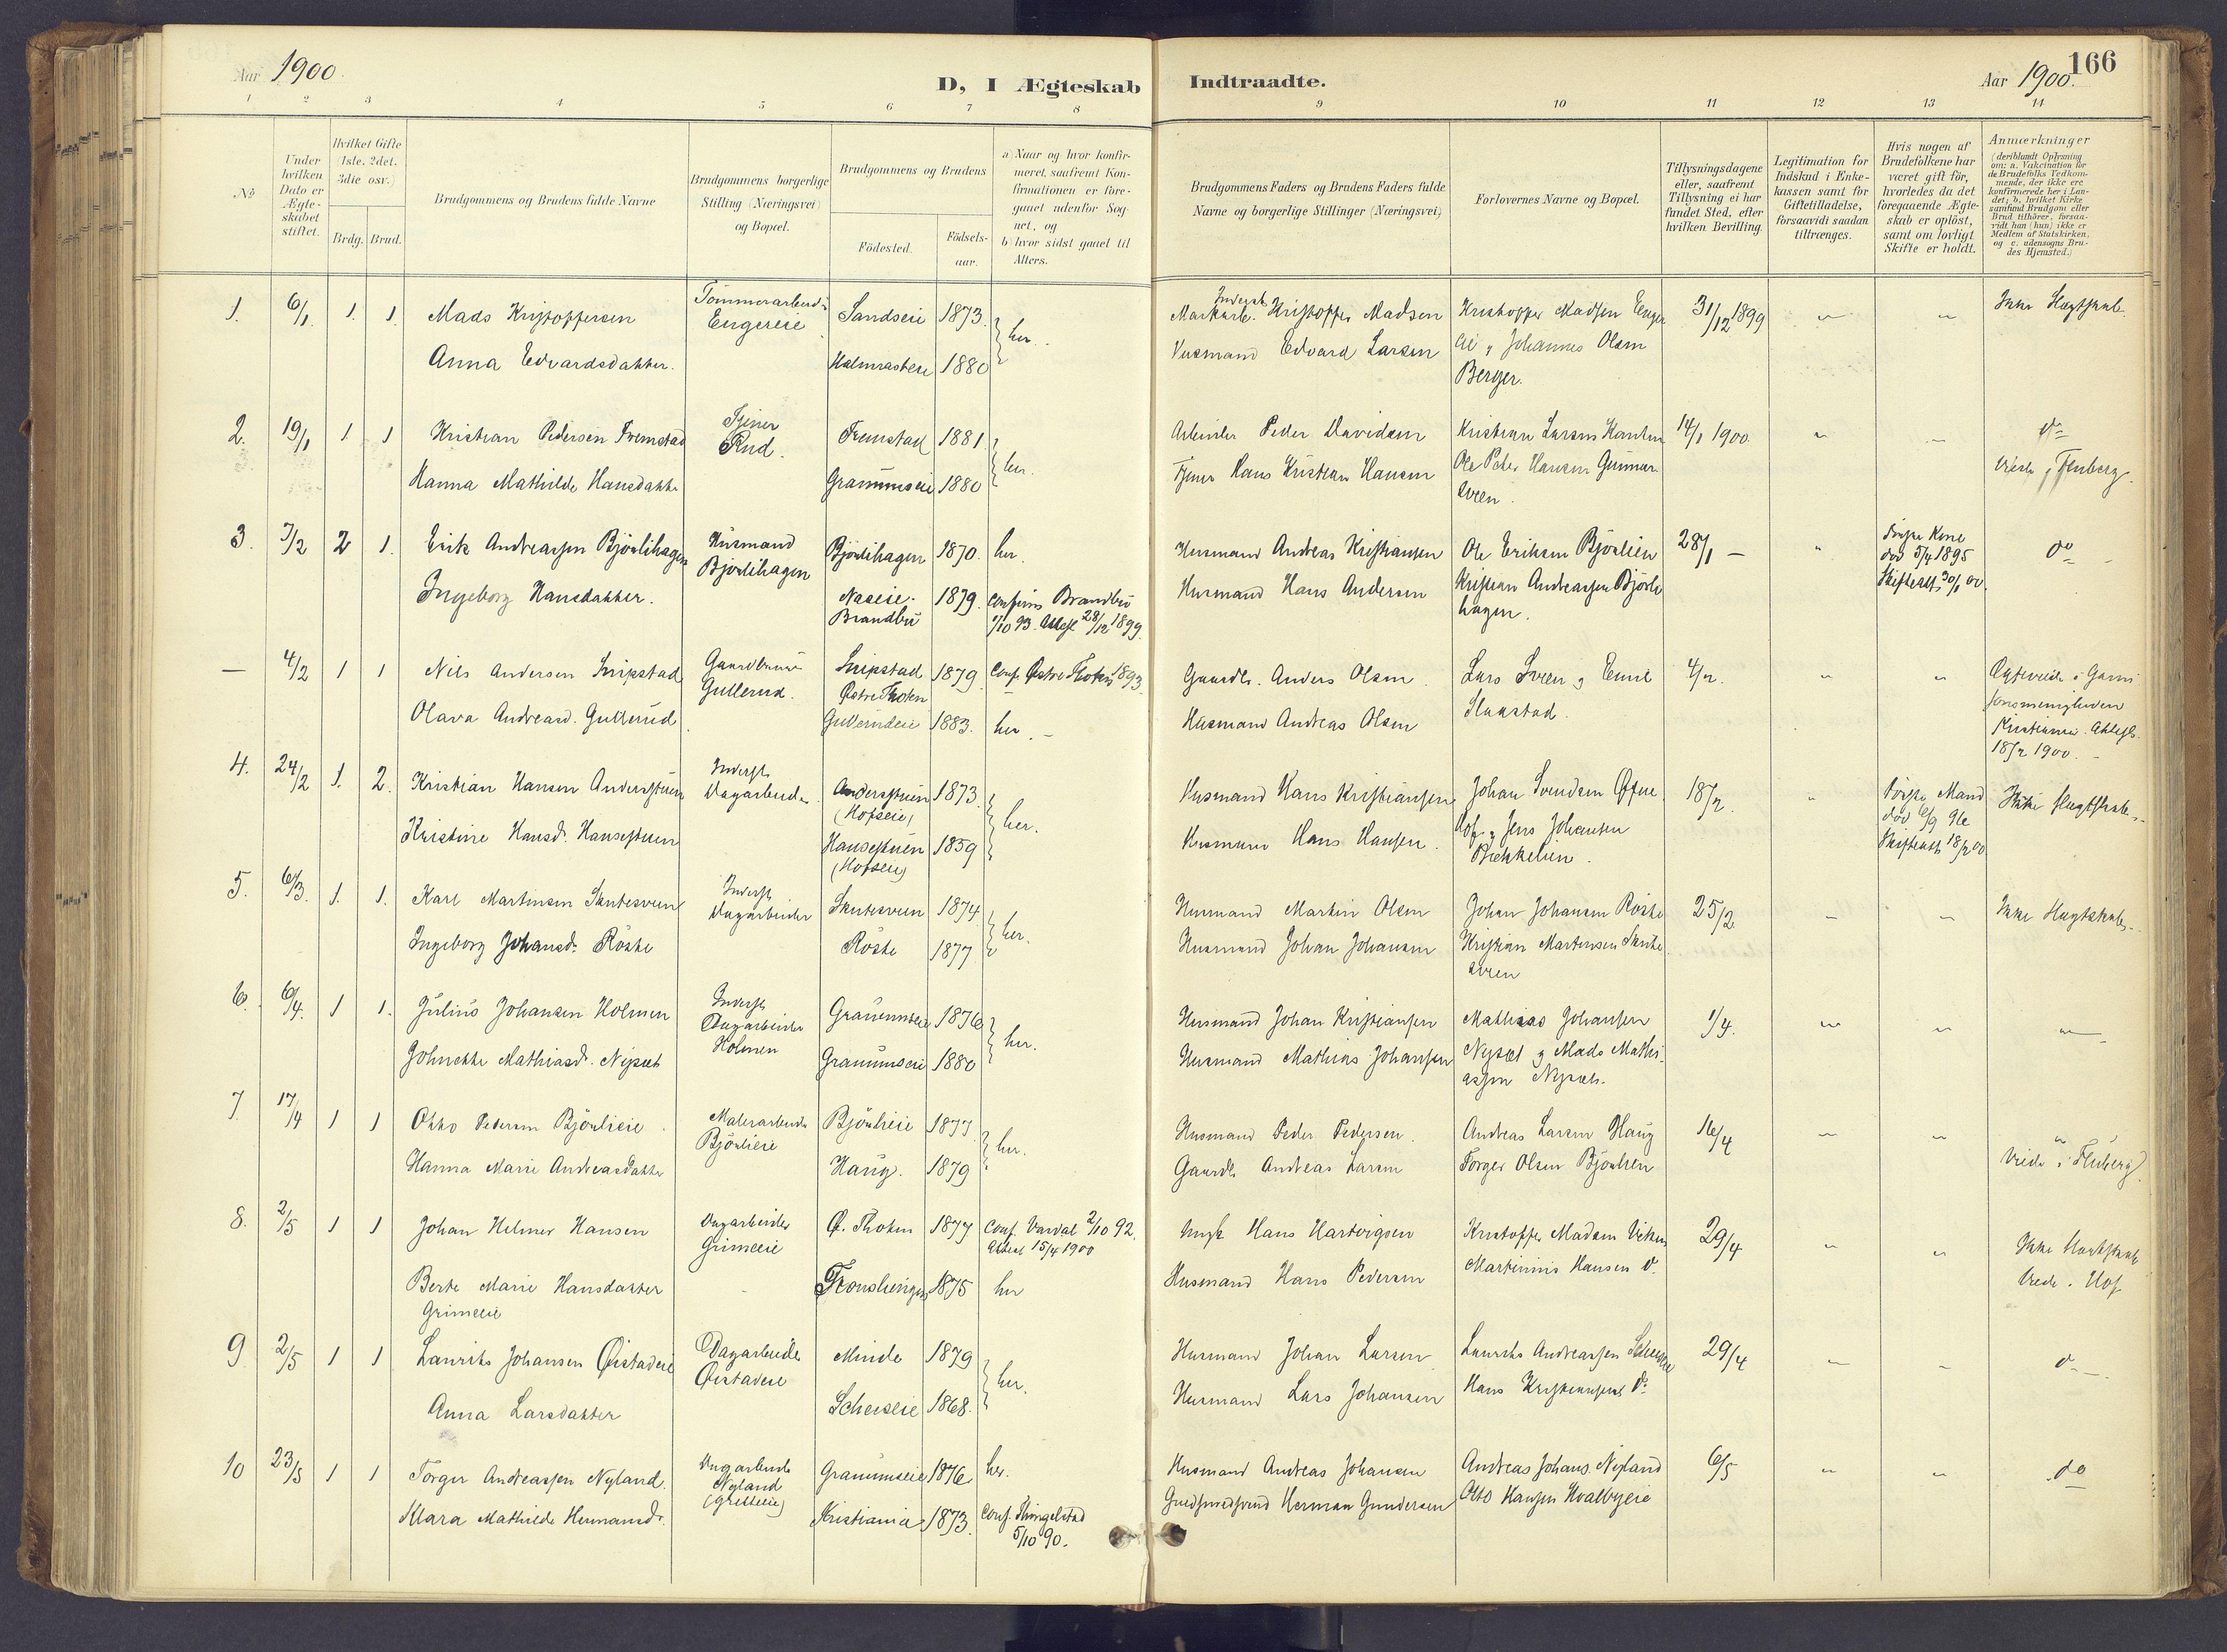 SAH, Søndre Land prestekontor, K/L0006: Ministerialbok nr. 6, 1895-1904, s. 166